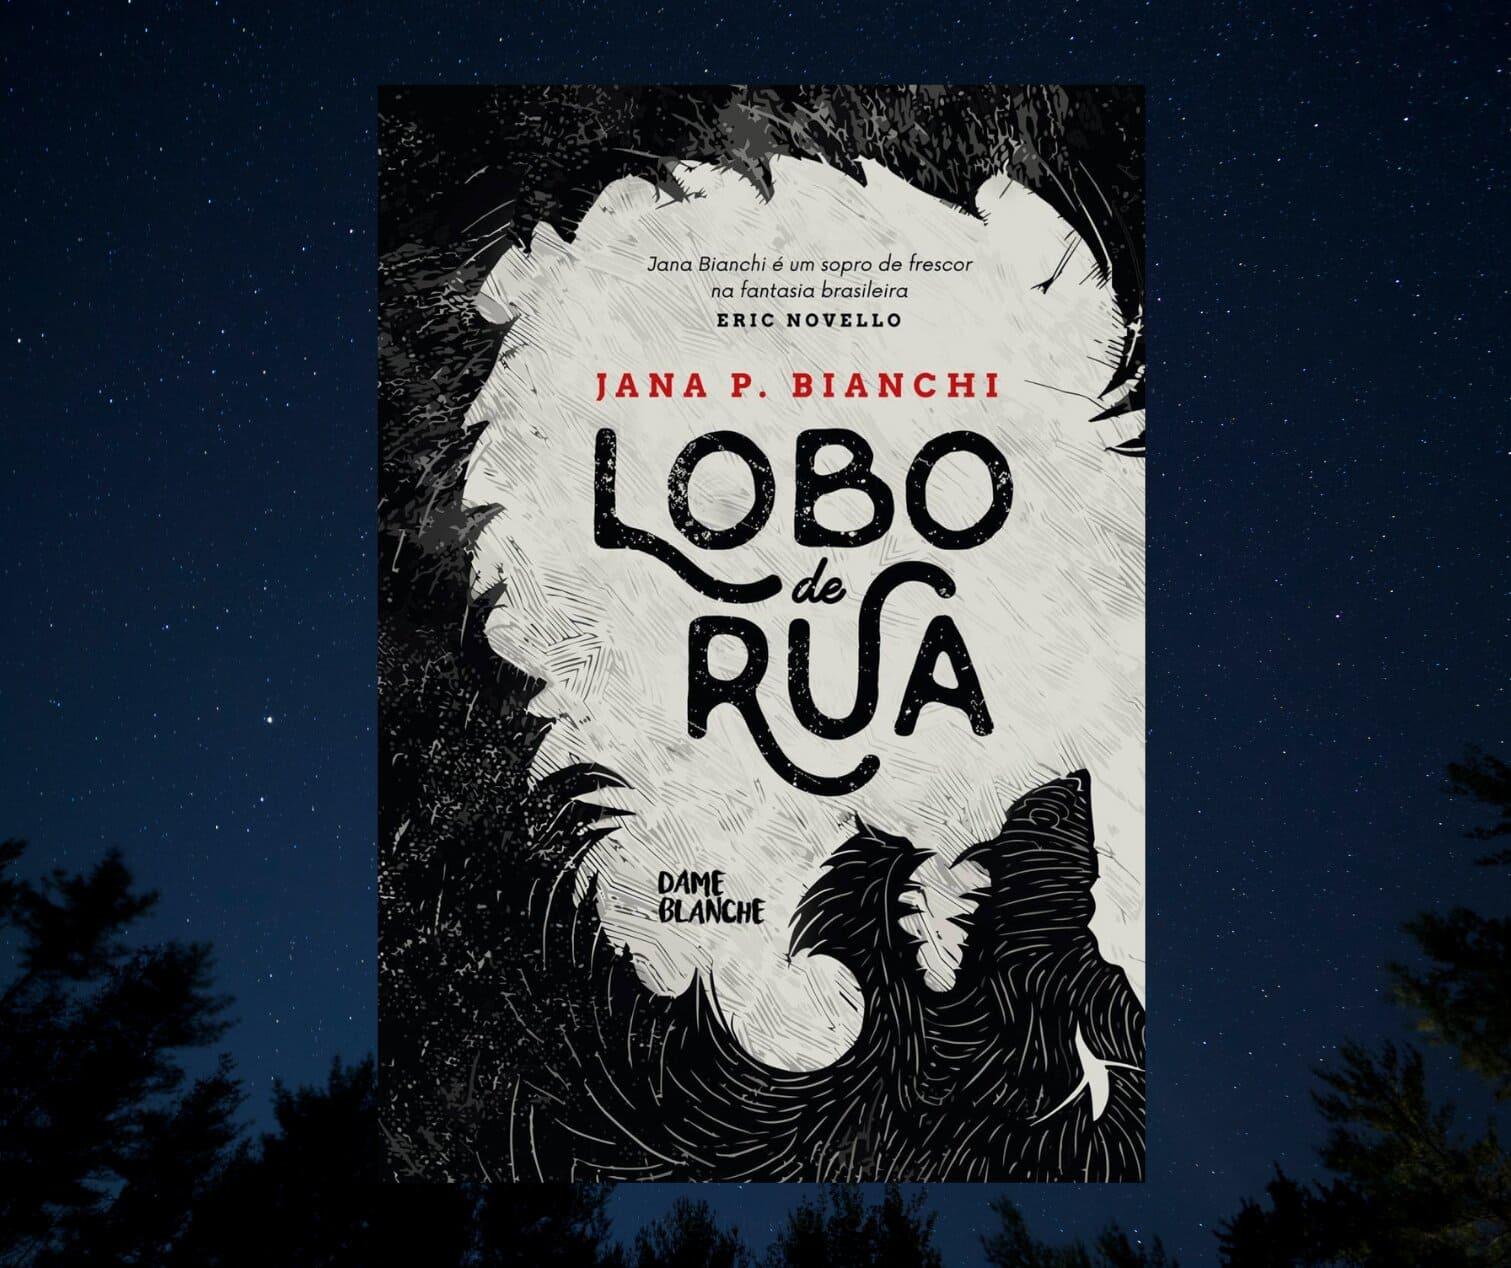 Resenha: Lobo de Rua, de Jana P. Bianchi